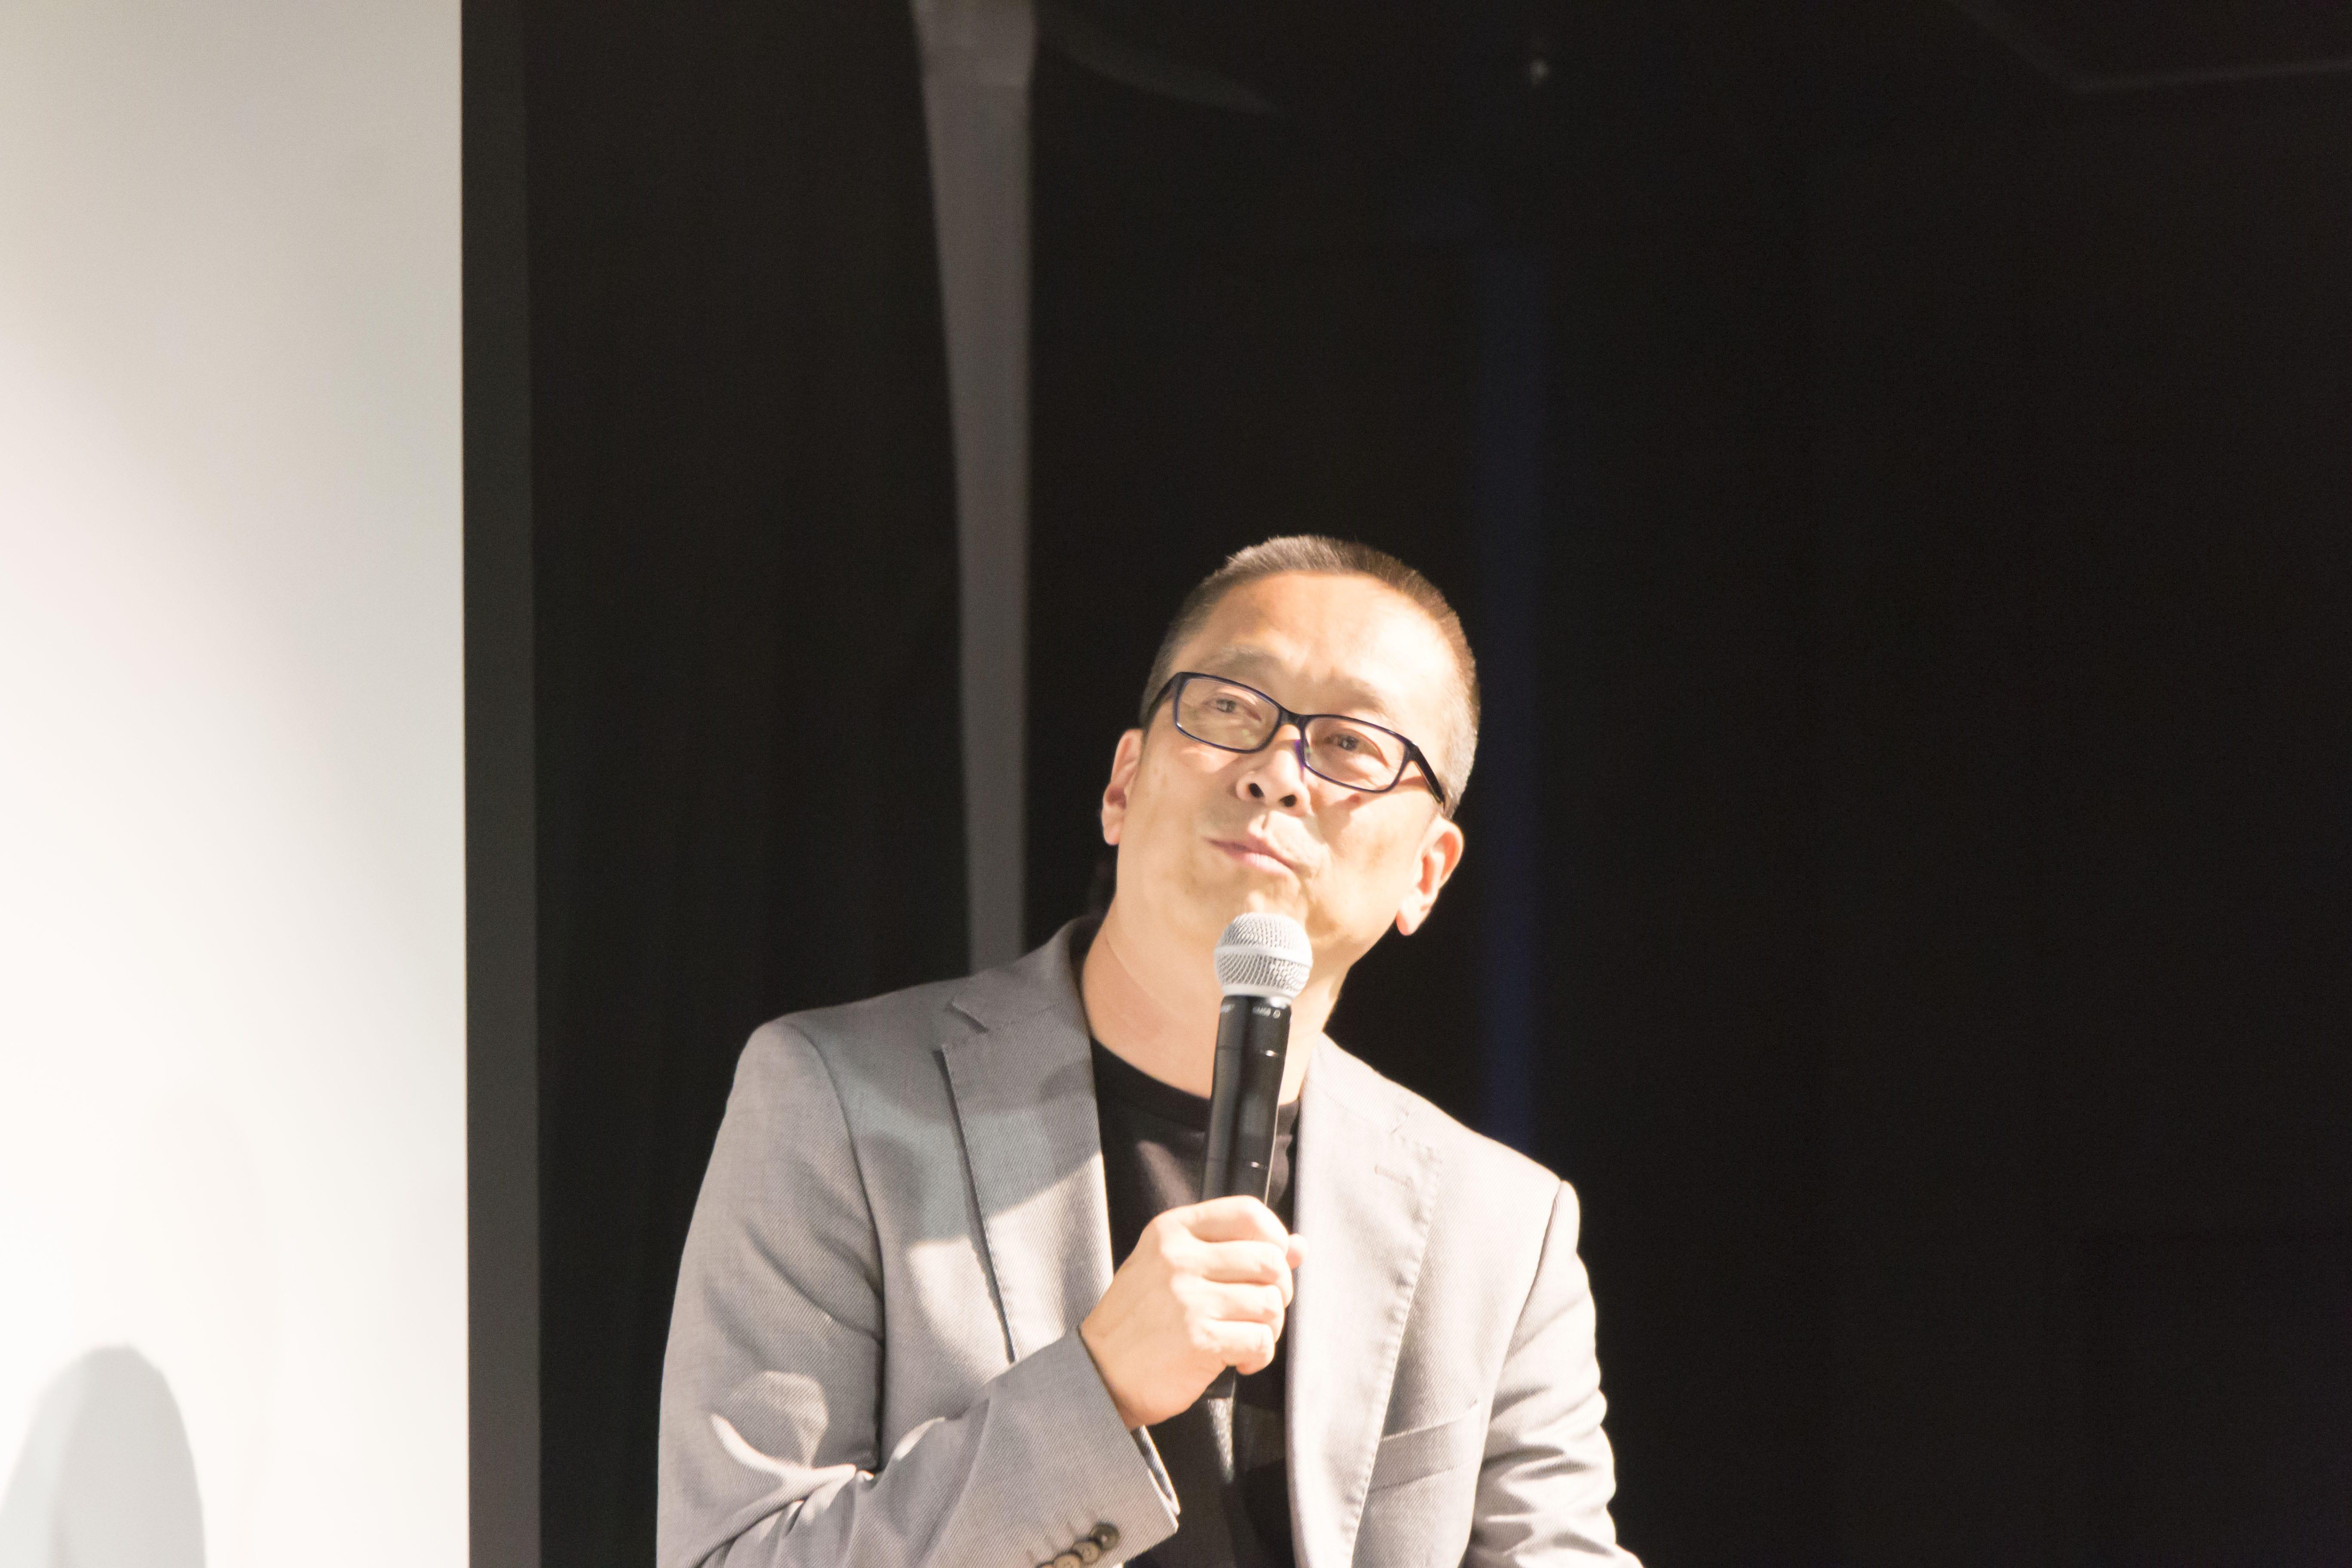 建築家、東北芸術工科大学教授である竹内昌義さん。『図解エコハウス』『原発と建築家』『日本のカタチ2050』『あたらしい家づくりの教科書』など著書多数。